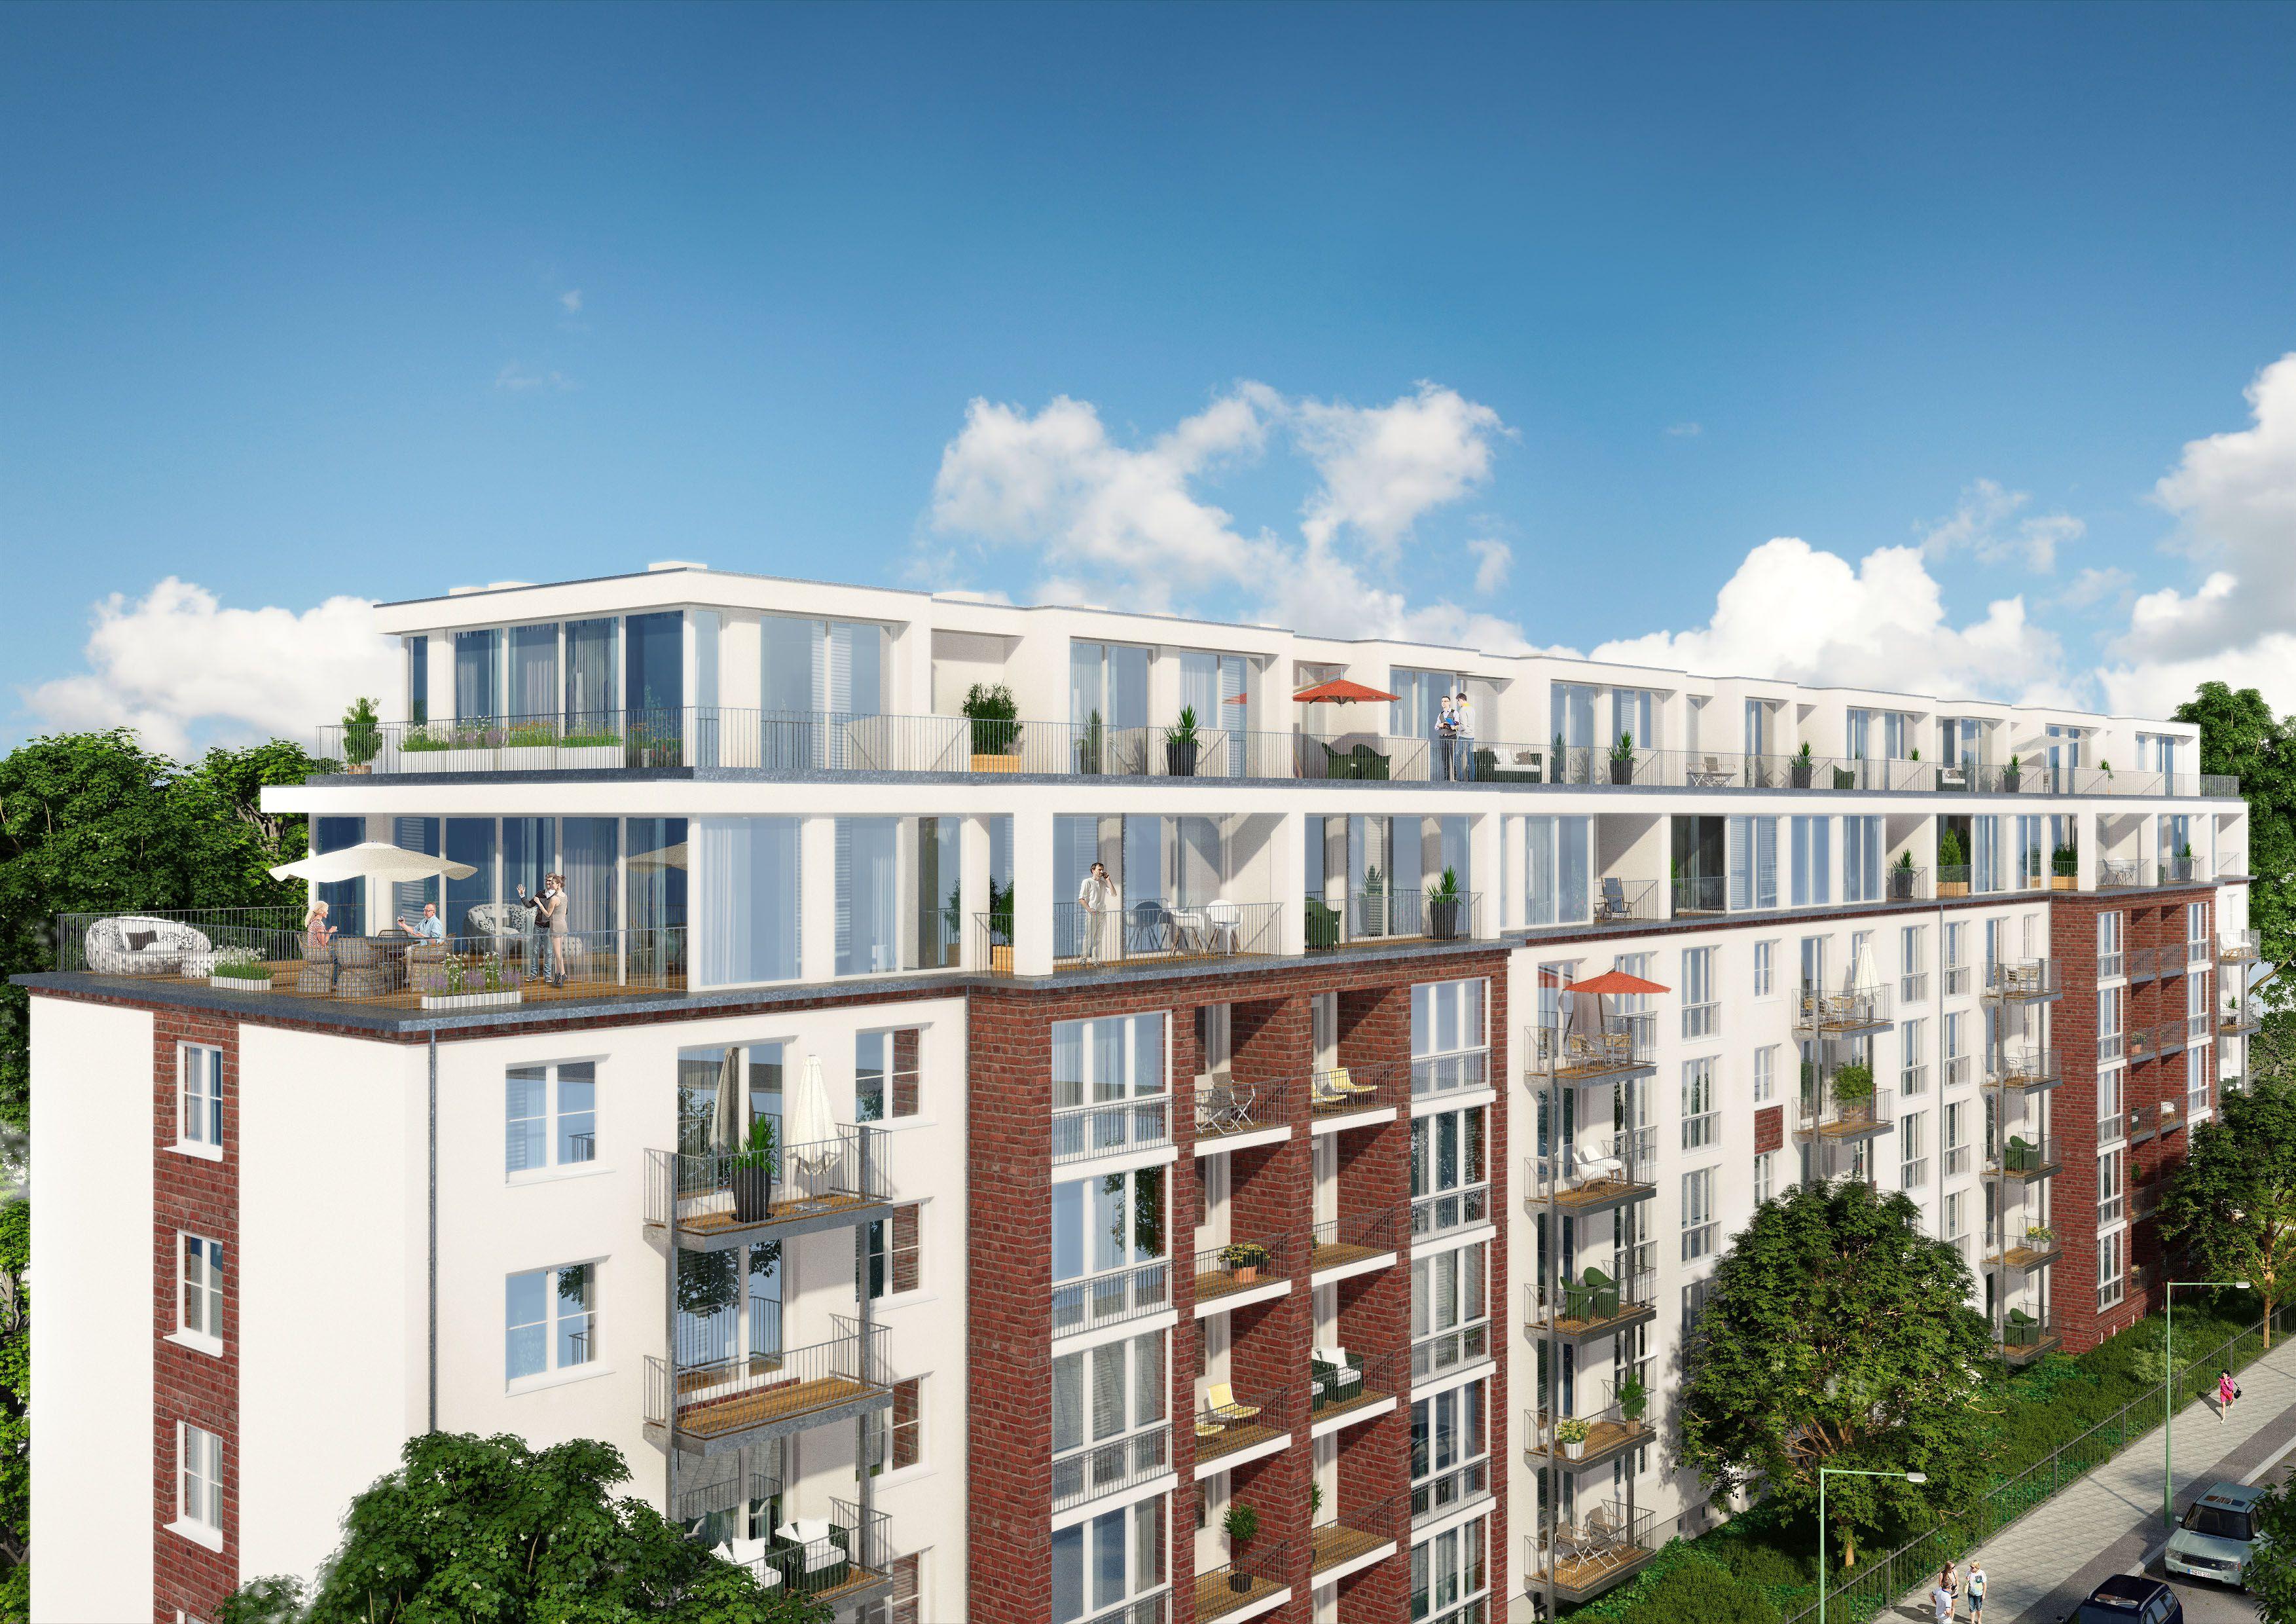 22 Inspirierend Wohnung Kaufen Berlin Bilder